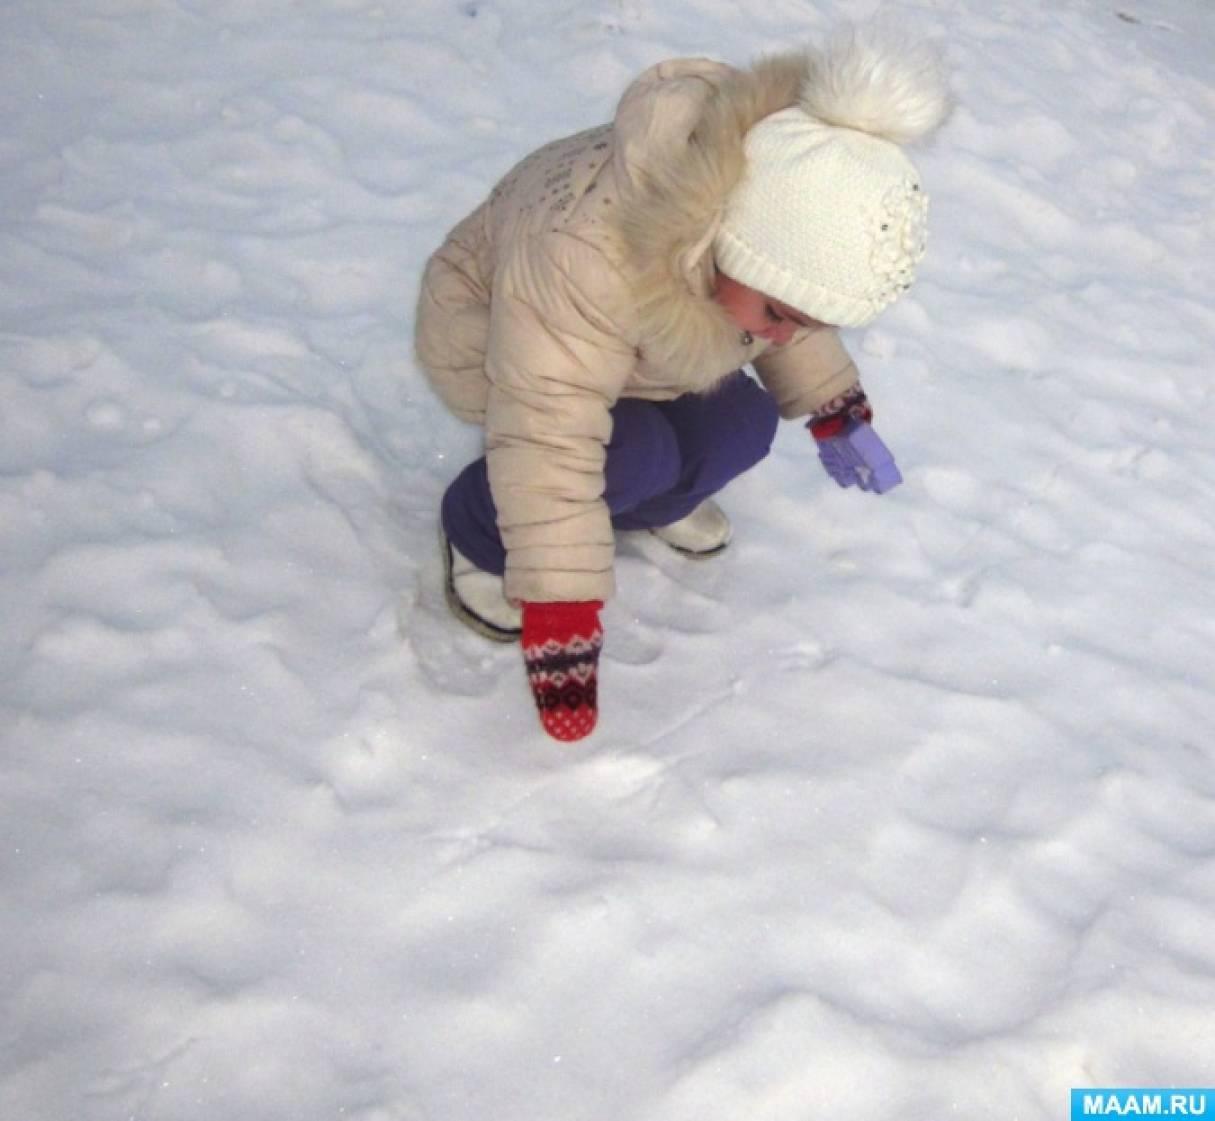 Целевая прогулка в зимний период «Наблюдение за птичьими следами на снегу»